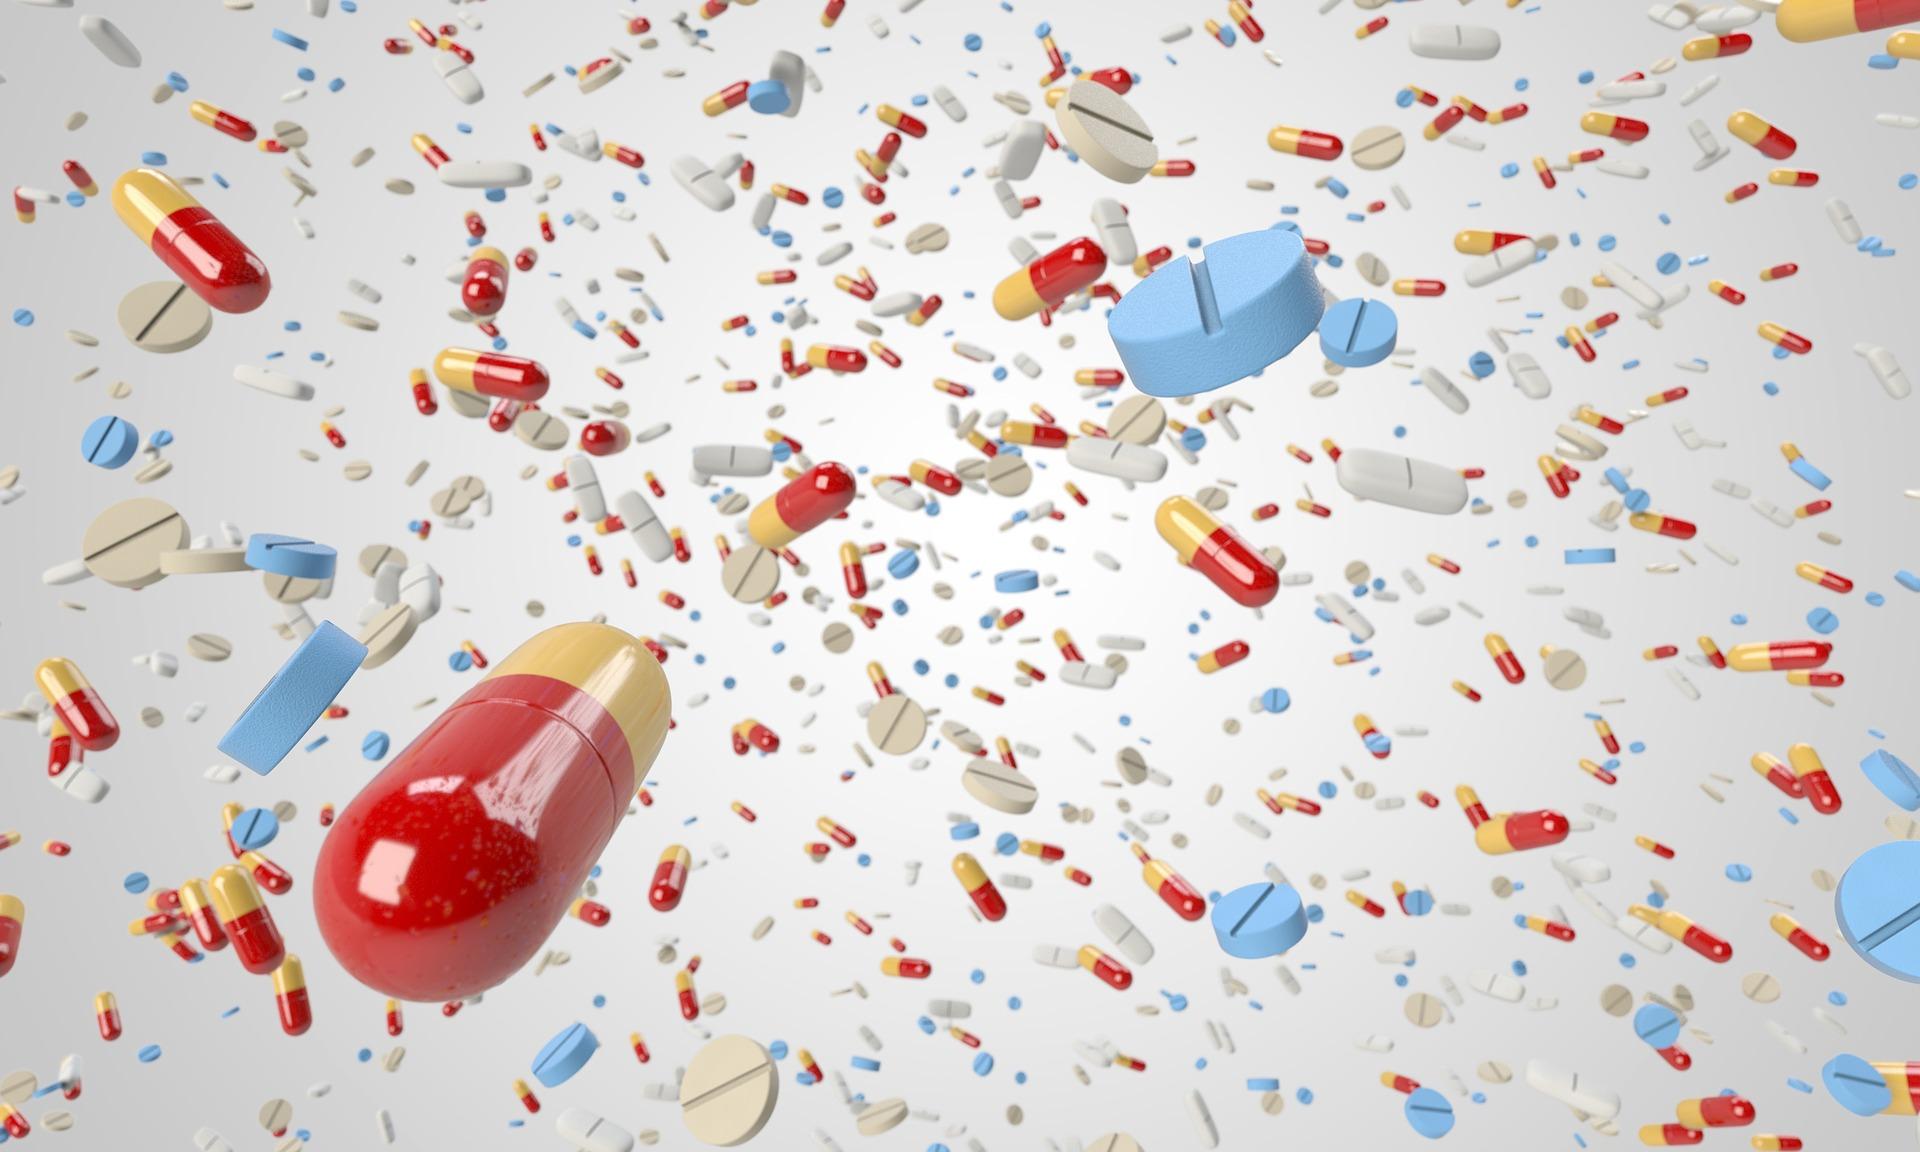 ema attenzione a farmaci